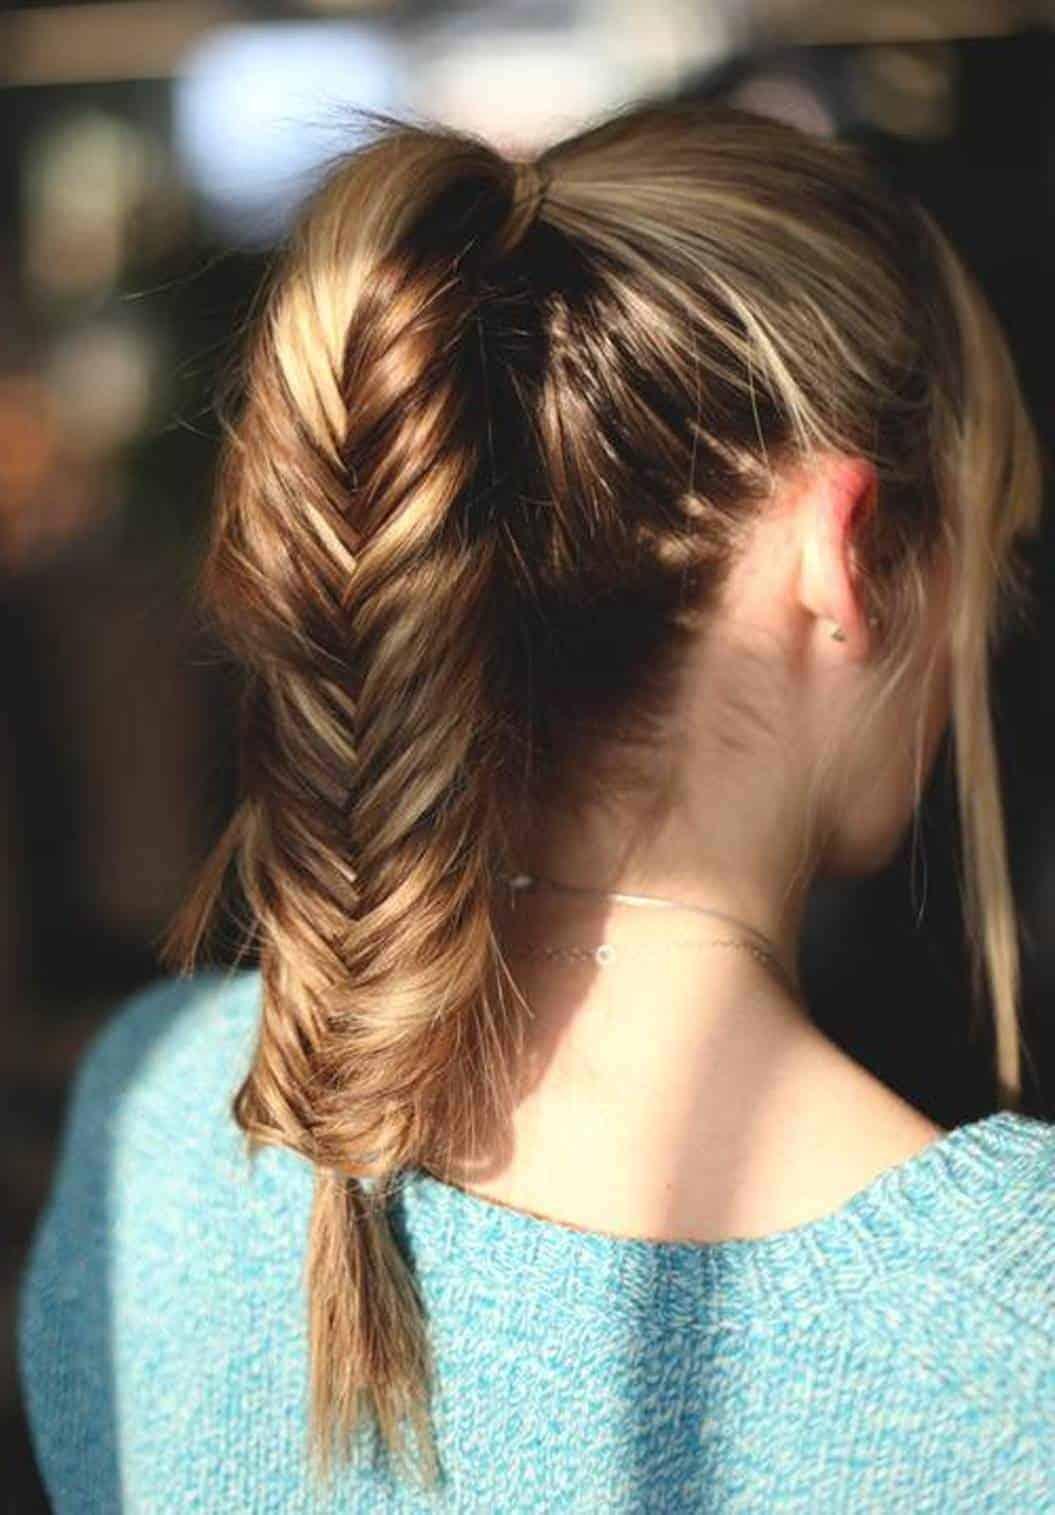 Спортивные прически длинных волос фото